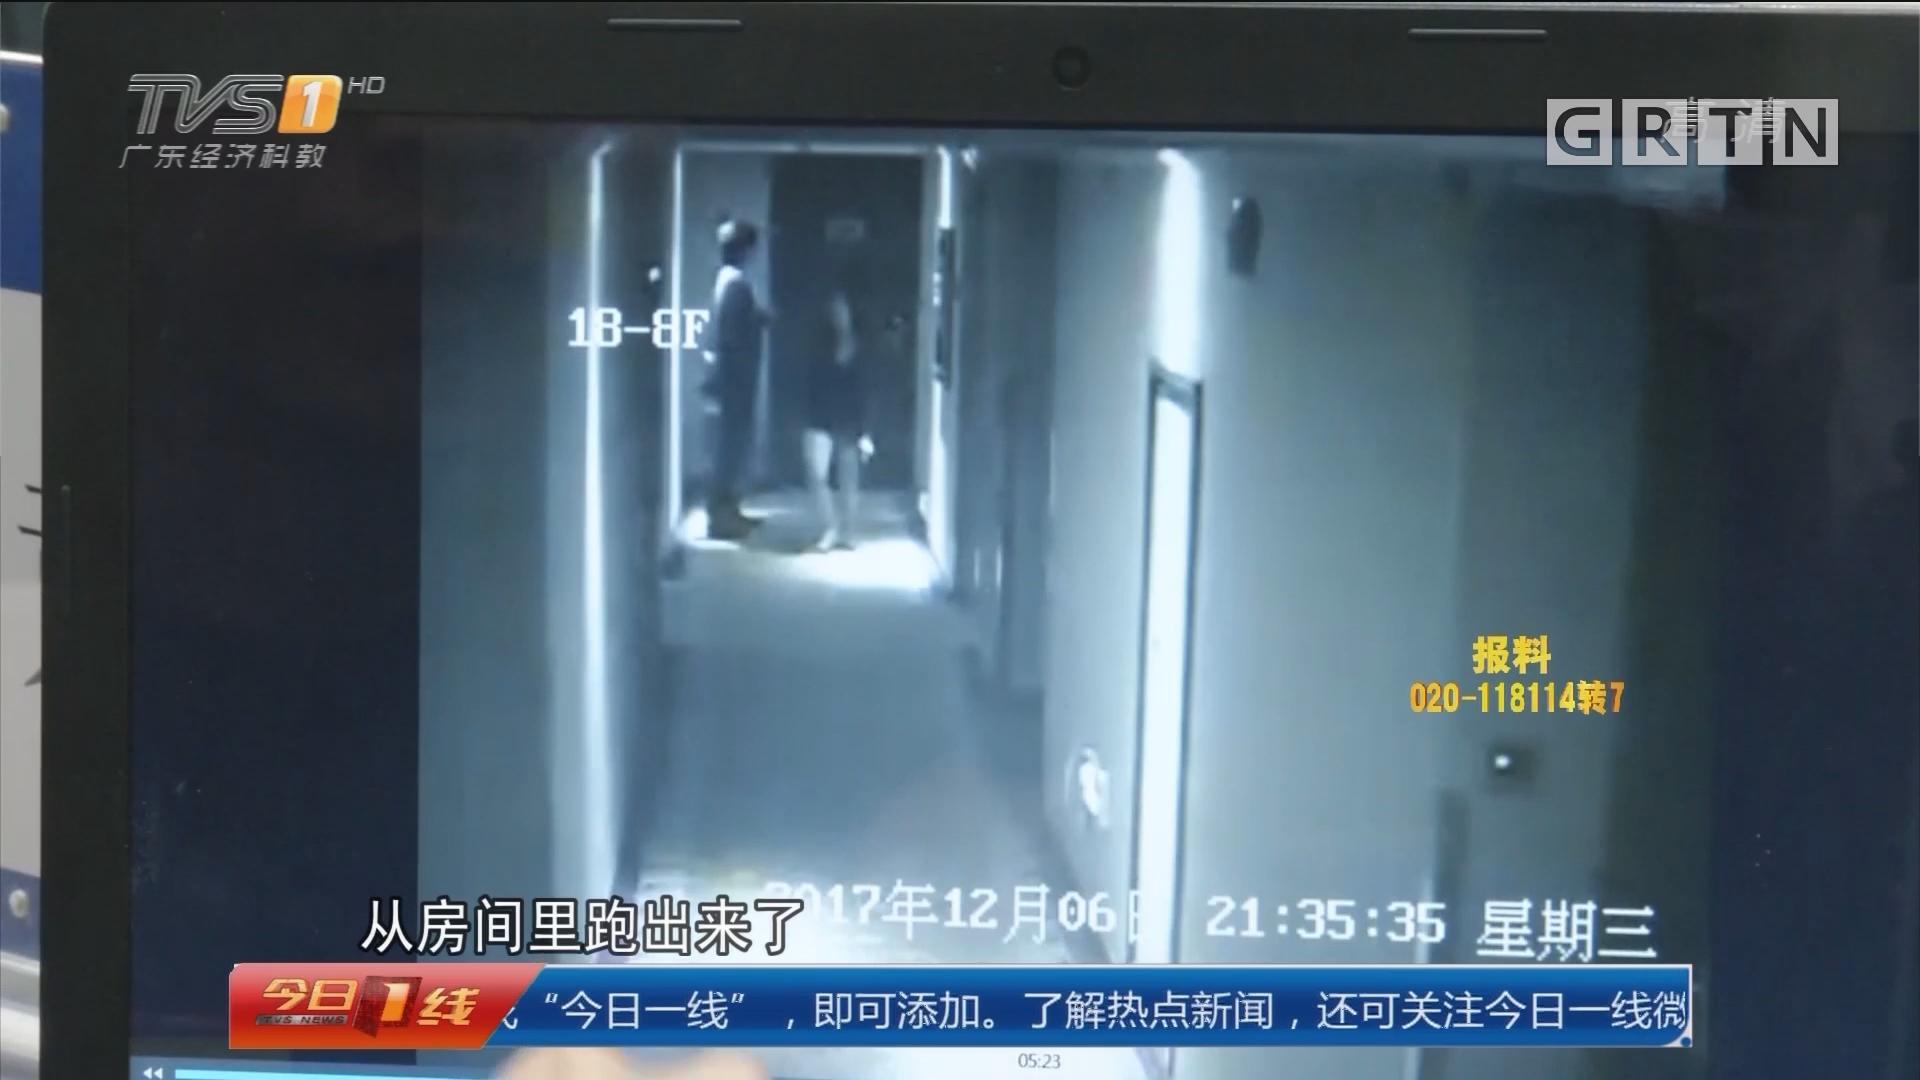 """深圳:点餐引""""色狼"""" 险遭不测 警方破案"""